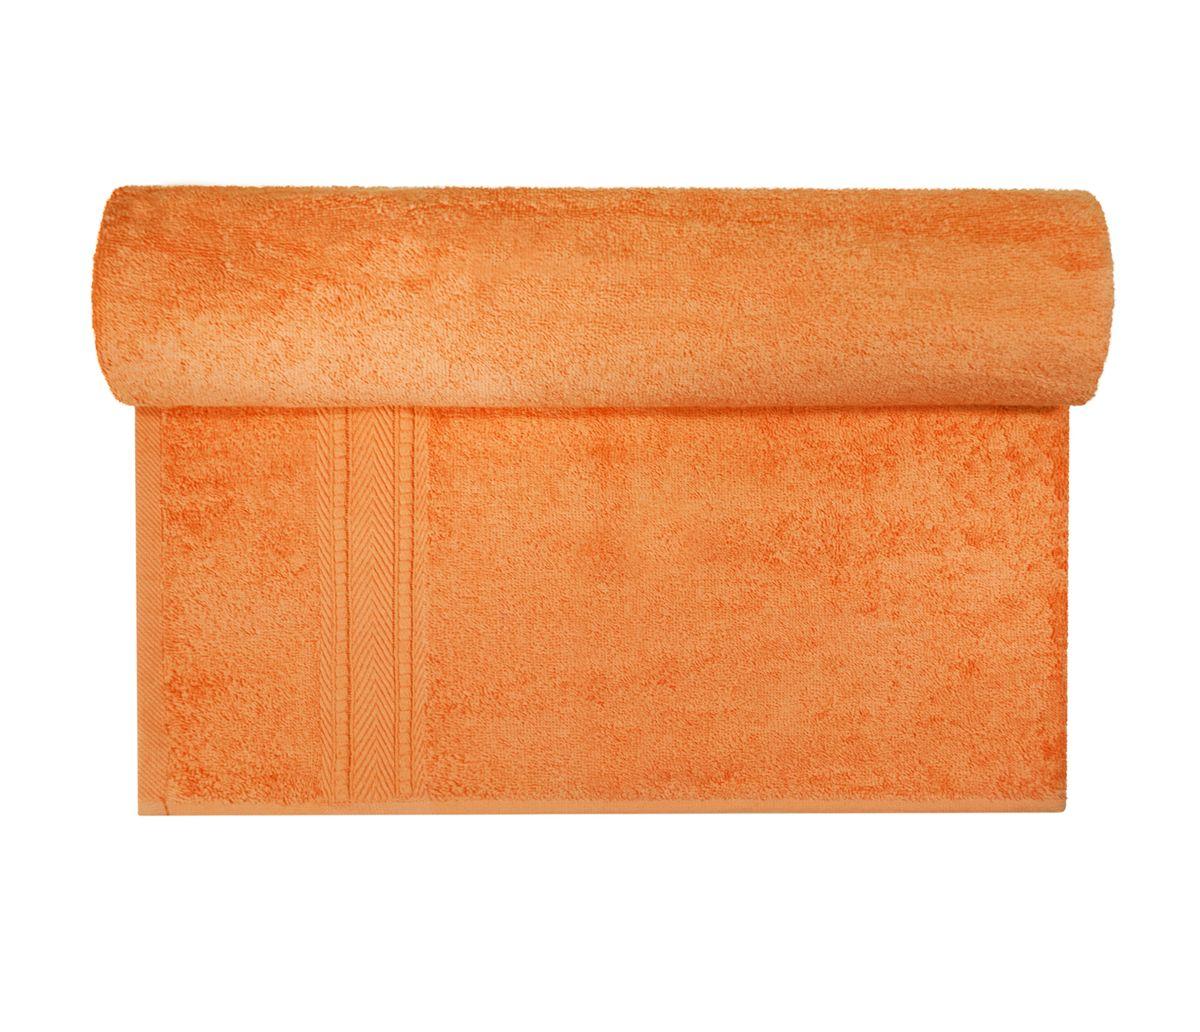 Полотенце махровое Osborn Textile, цвет: оранжевый, 70 х 140 смУзТ-МПБ-004-02-27В состав полотенца Osborn Textile входит только натуральное волокно - хлопок. Лаконичные бордюры подойдут для любого интерьера ванной комнаты. Полотенце прекрасно впитывает влагу и быстро сохнет. При соблюдении рекомендаций по уходу не линяет и не теряет форму даже после многократных стирок. Плотность: 450 г/м2.